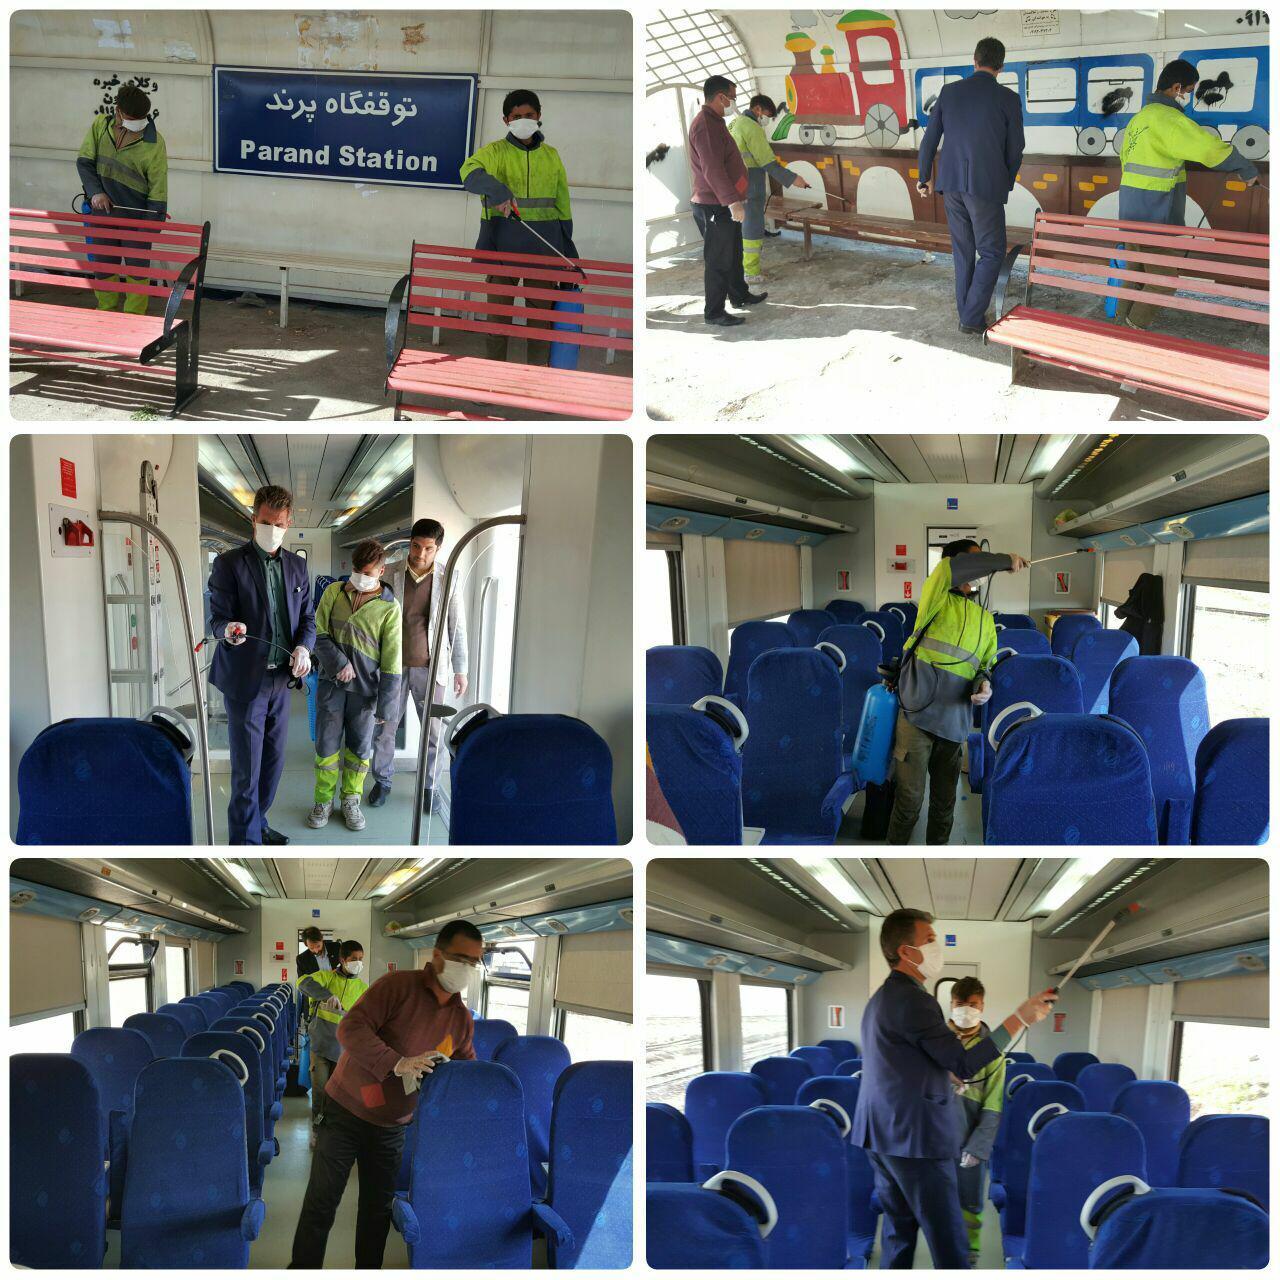 عملیات ضدعفونی شهر پرند به ایستگاه ریل باس رسید / شهردار پرند: با تمام توان و امکانات در خدمت شهروندان عزیز هستیم